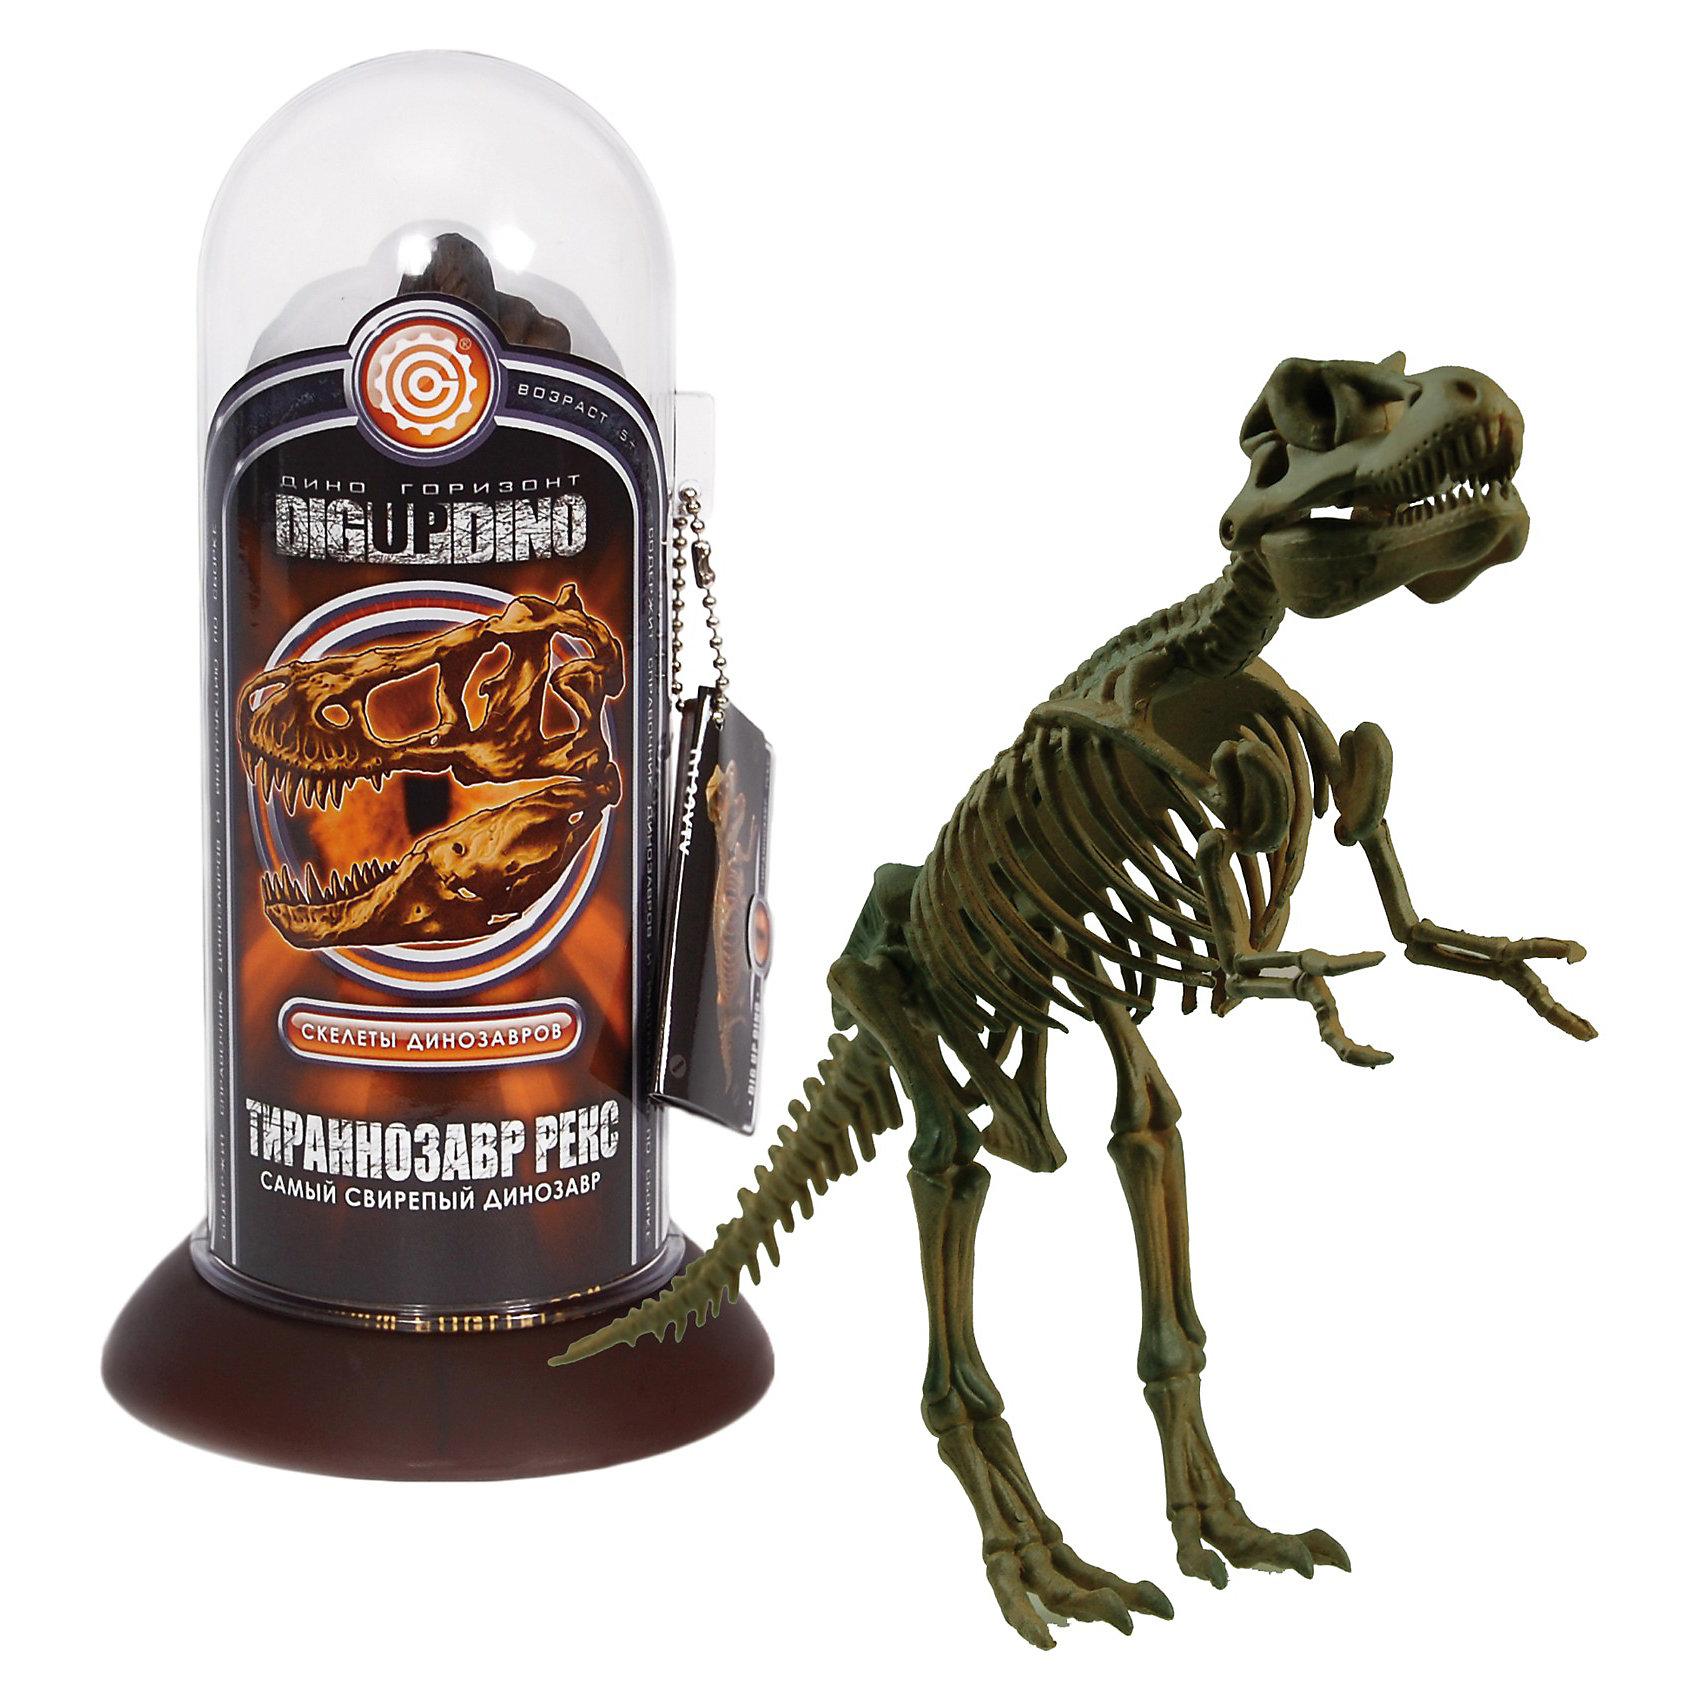 Раскопки: Тираннозавр Рекс (Скелет самого свирепого динозавра)Профессор Эйн - это серия увлекательных наборов для проведения различных опытов и экспериментов  в домашних условиях. <br><br>С помощью набора Раскопки: Тираннозавр Рекс (Скелет самого свирепого динозавра) вместе с профессором Эйном Вы можете почувствовать себя настоящим археологом.  Загадочный мир динозавров ведь это так интересно и интригующе! <br>  В наборе уменьшенная копия динозавра  Тираннозавр Рекс от греч.  — ящер, ящерица — род плотоядных динозавров конца мелового периода. Наиболее крупный и известный в популярной культуре представитель рода — Tyrannosaurus rex (T. rex, Ти-рекс), один из крупнейших наземных хищников.<br> <br>Наглядная модель скелета доисторического существа Стегозавра, полностью даст представление о его строении. <br><br>Соберите коллекцию из динозавров и почувствуйте себя настоящим исследователем древности. <br><br>Набор содержит справочник Профессора Эйна из останков динозавров.<br><br>Размеры: 9 х 18 х 9 см<br><br>Раскопки: Тираннозавр Рекс (Скелет самого свирепого динозавра) - можно купить в нашем интернет магазине.<br><br>Ширина мм: 90<br>Глубина мм: 90<br>Высота мм: 175<br>Вес г: 133<br>Возраст от месяцев: 60<br>Возраст до месяцев: 144<br>Пол: Мужской<br>Возраст: Детский<br>SKU: 3344334